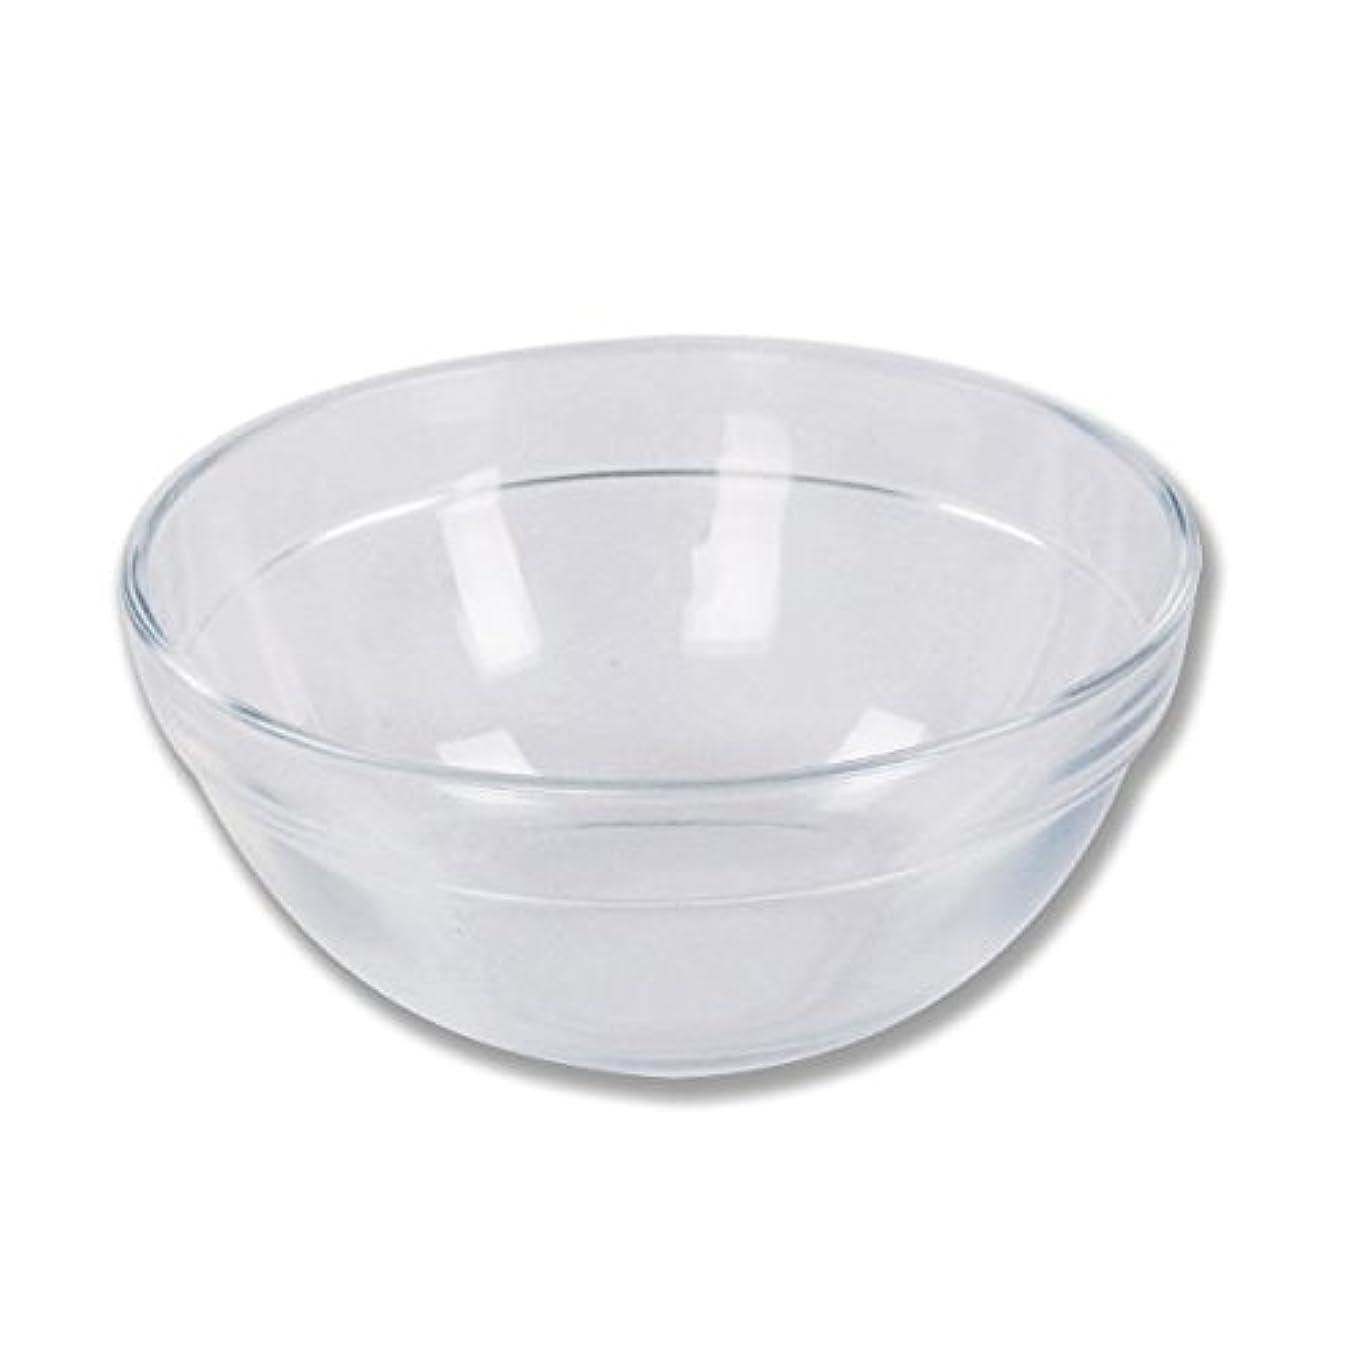 架空の画像お風呂を持っているガラスボウル (Sサイズ) [ ガラスボール カップボウル カップボール エステ サロン ガラス ボウル カップ 高級感 ]